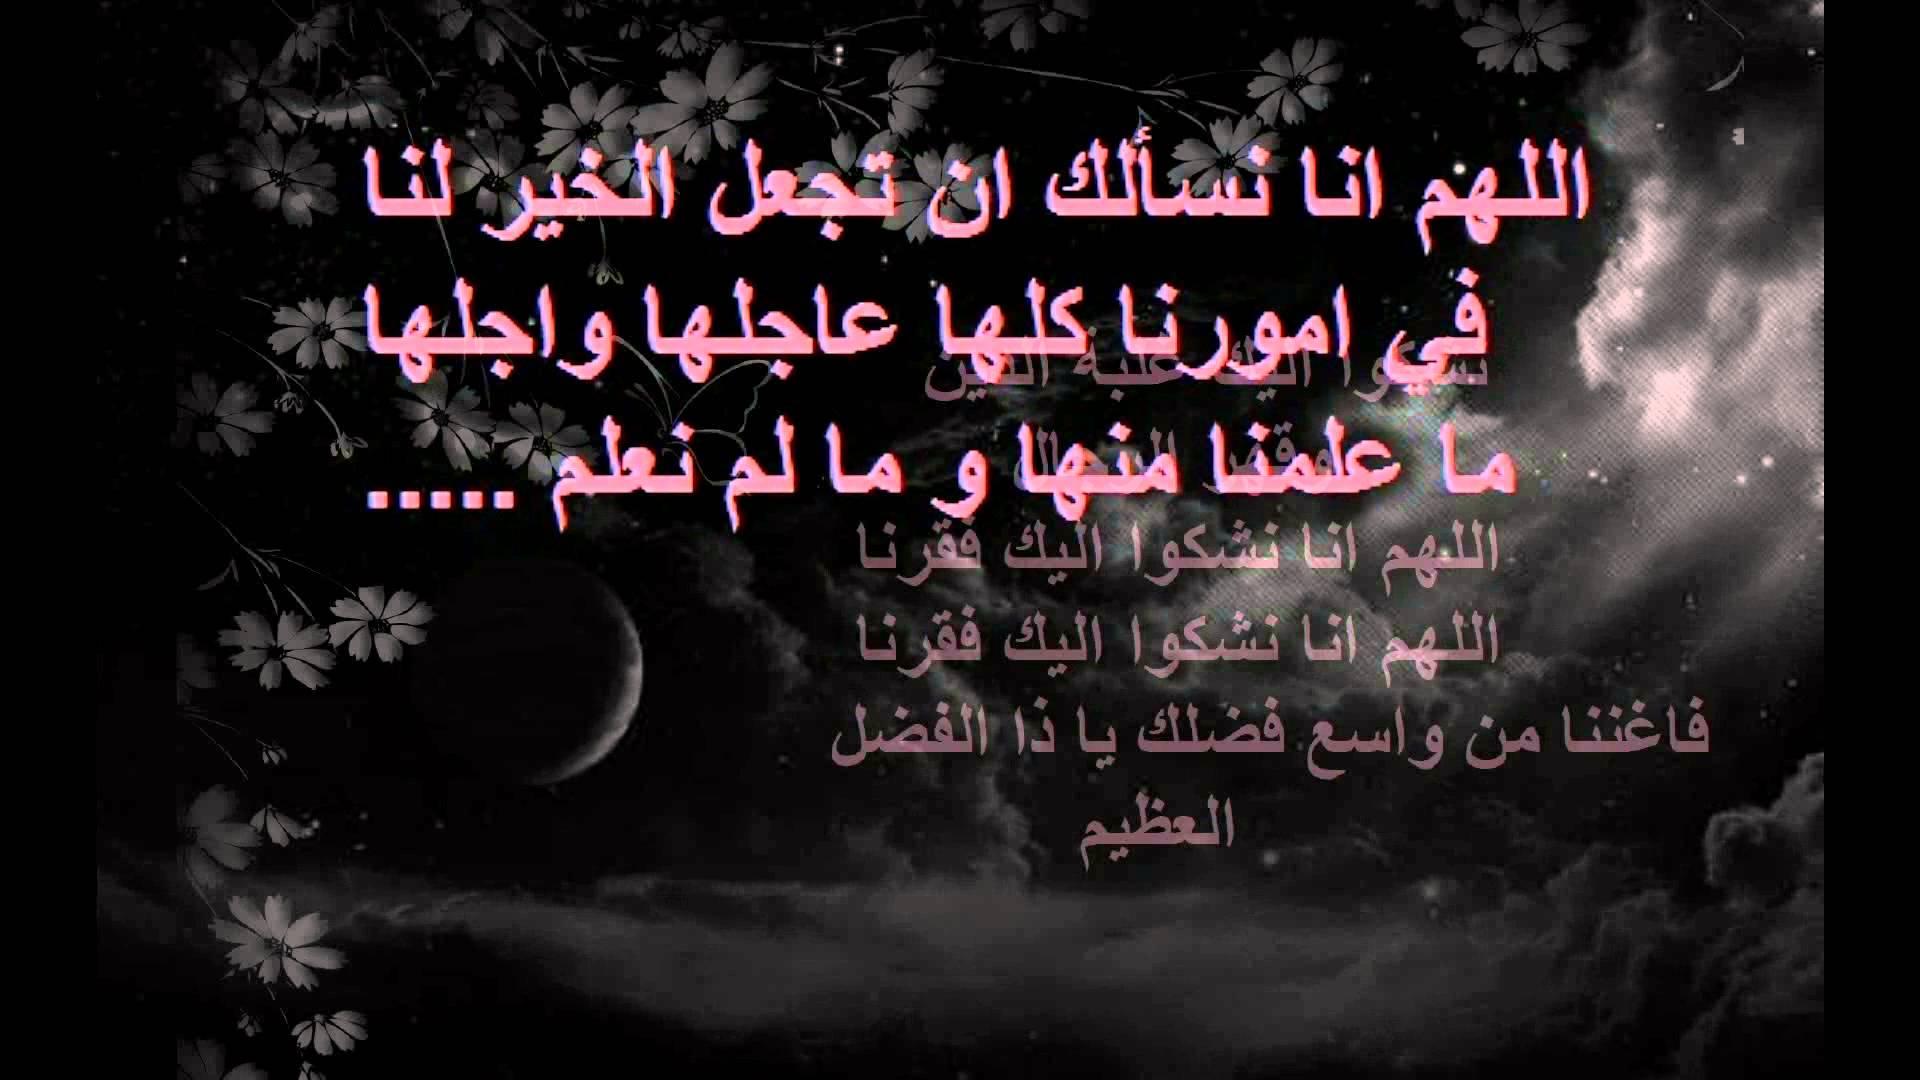 بالصور ادعية تيسير الزواج , دعاء للرزق بزوج صالح وزوجه صالحه 5349 5